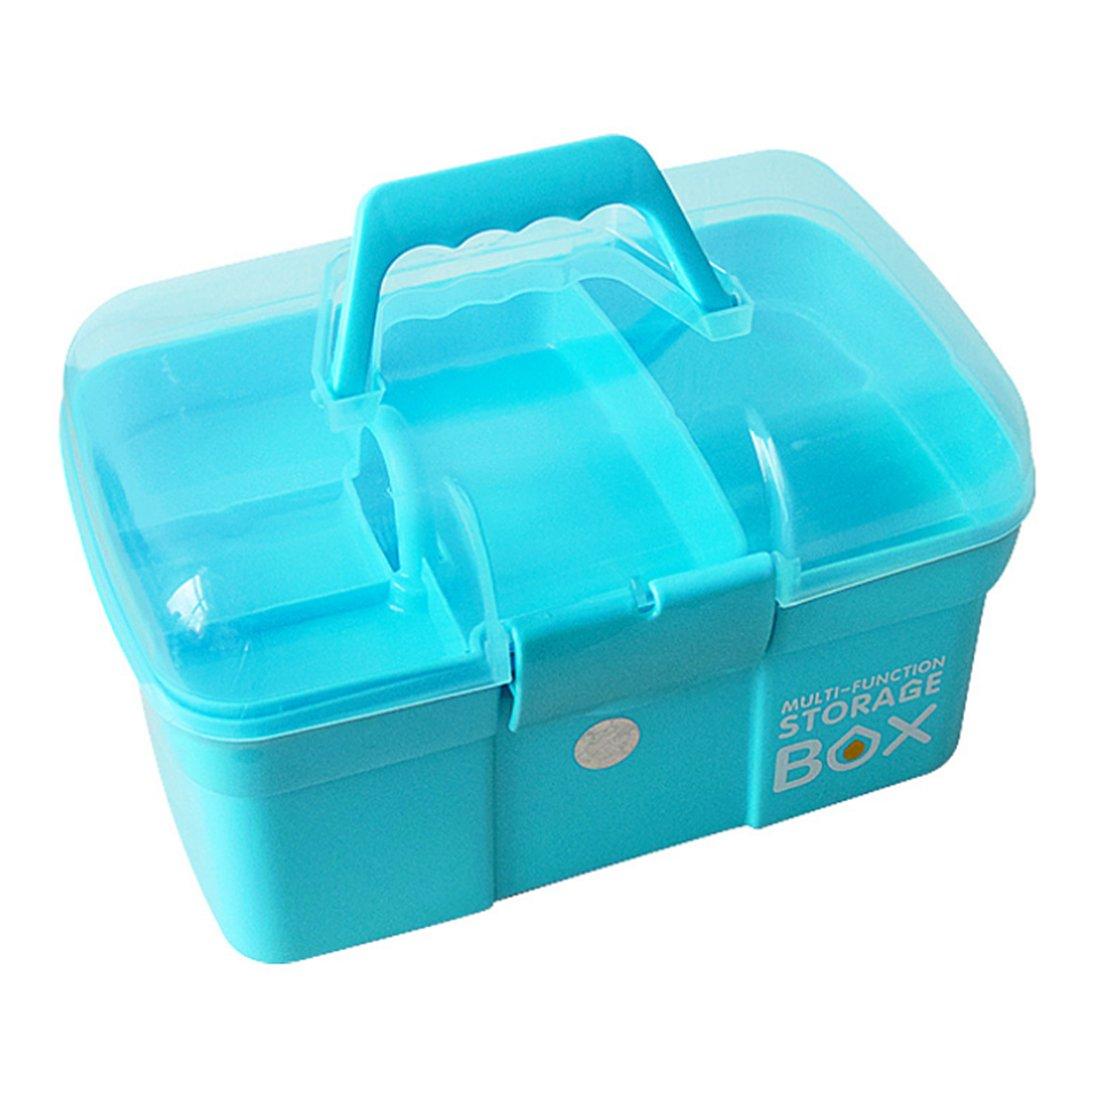 LVPY Scatola per Medicinali in Plastica, Cassetta del pronto soccorso con manico, Blu, 31.5 x 21 x 19.5 cm, Scatole di immagazzinaggio